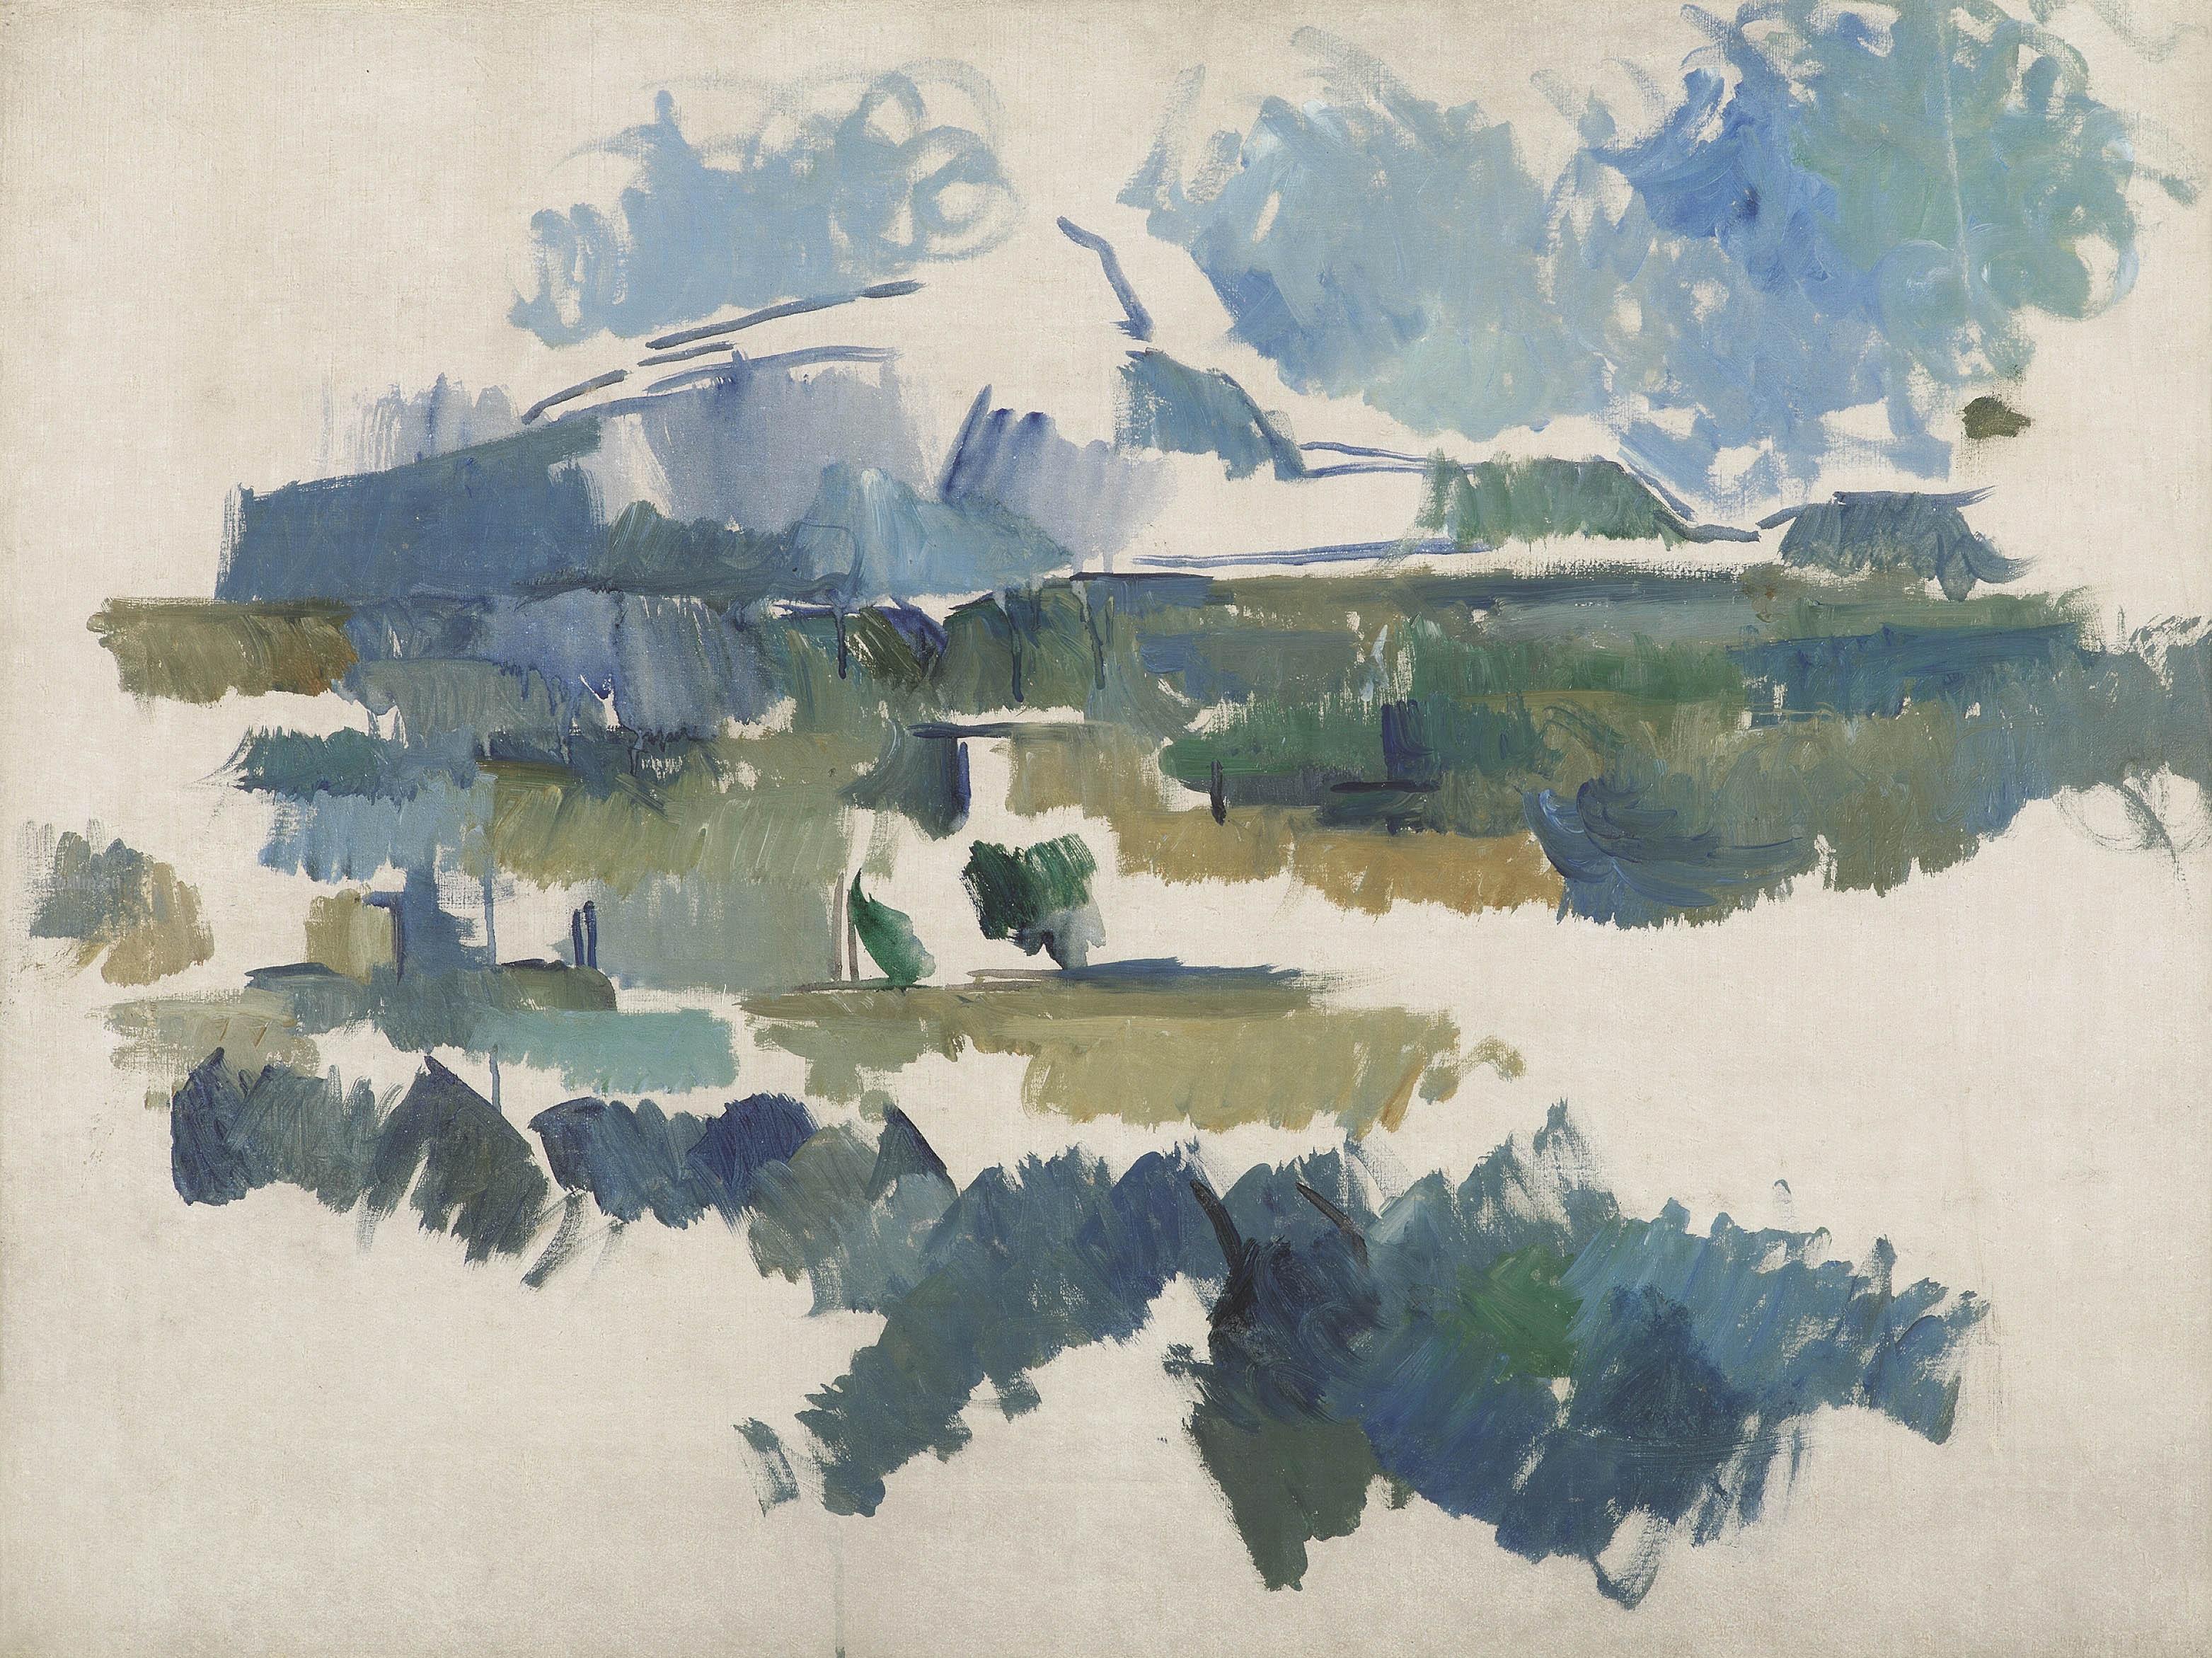 Сезанн картина La Montagne Sainte-Victoire 1902 пейзажи природы Сафиуллин